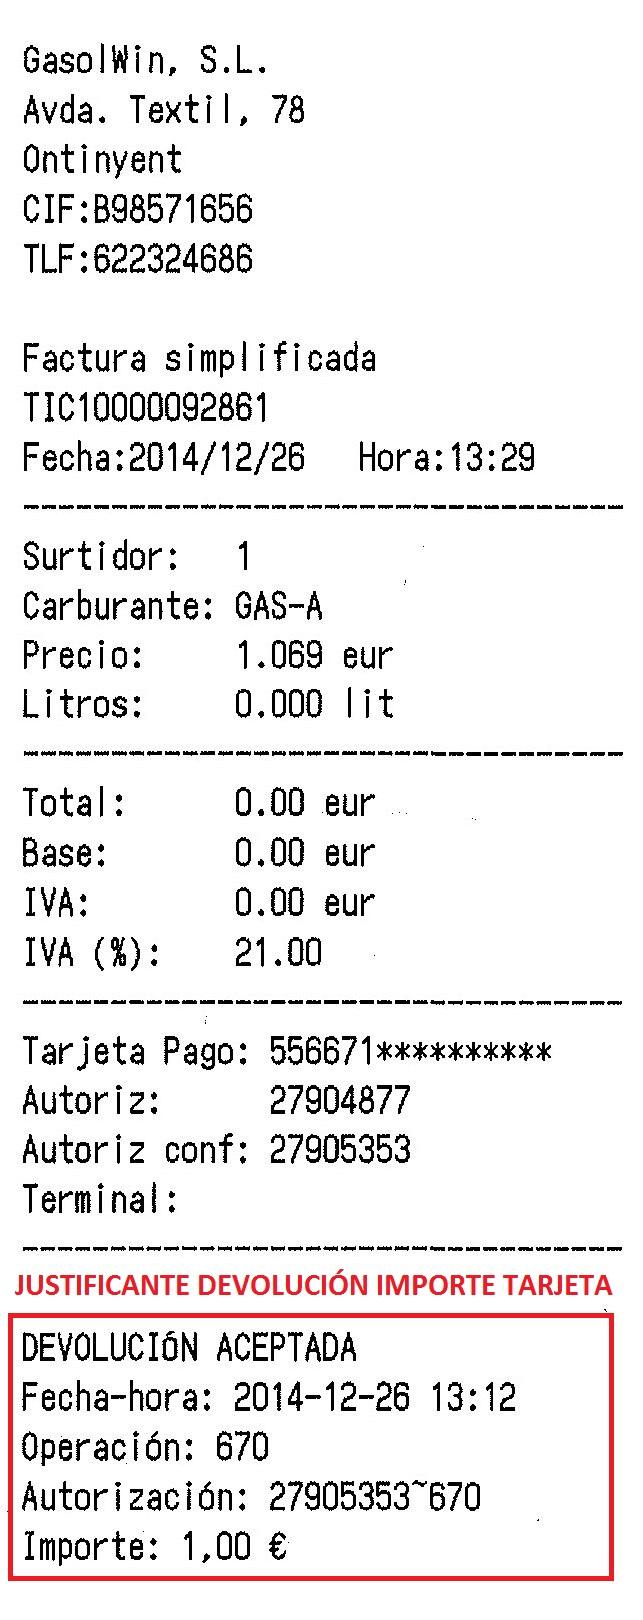 Ticket_dev_tarjeta_MOD